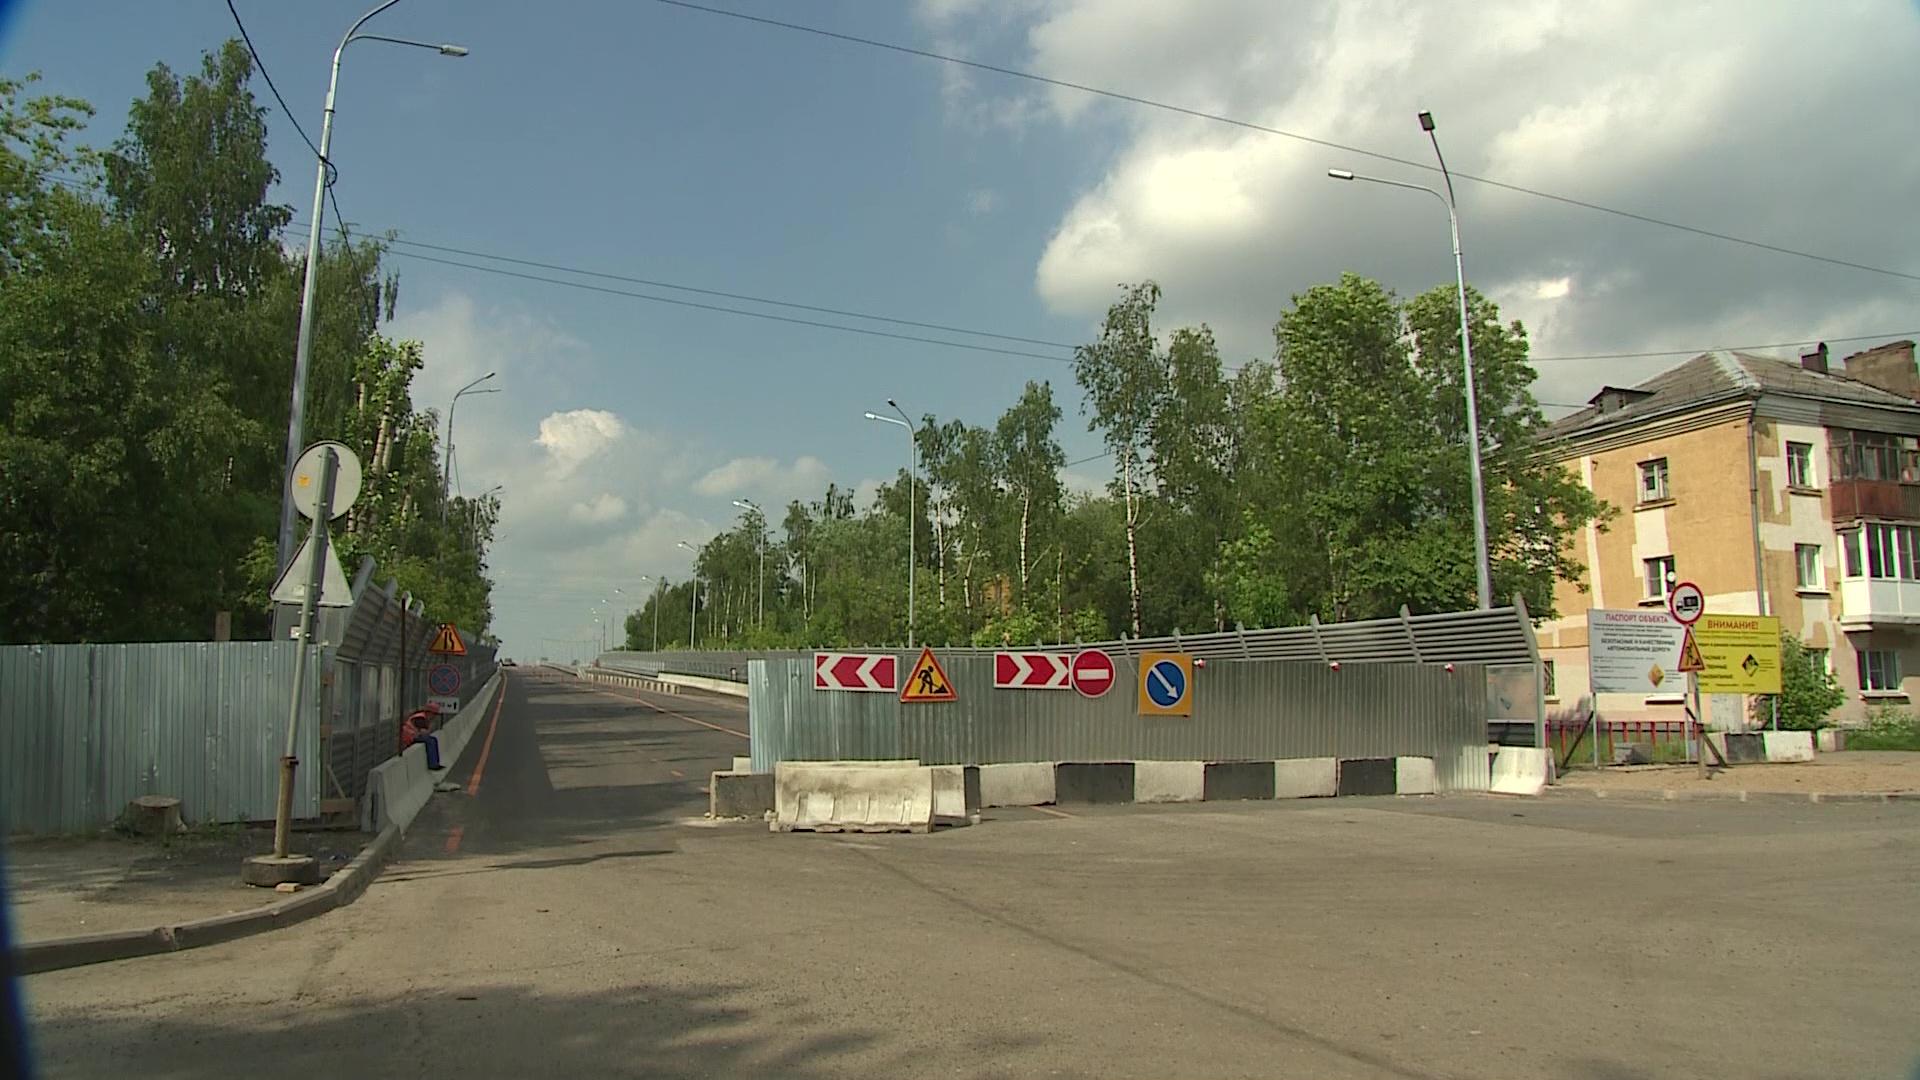 Задержат на 14 дней: почему в Ярославле до сих пор не открыли Добрынинский путепровод